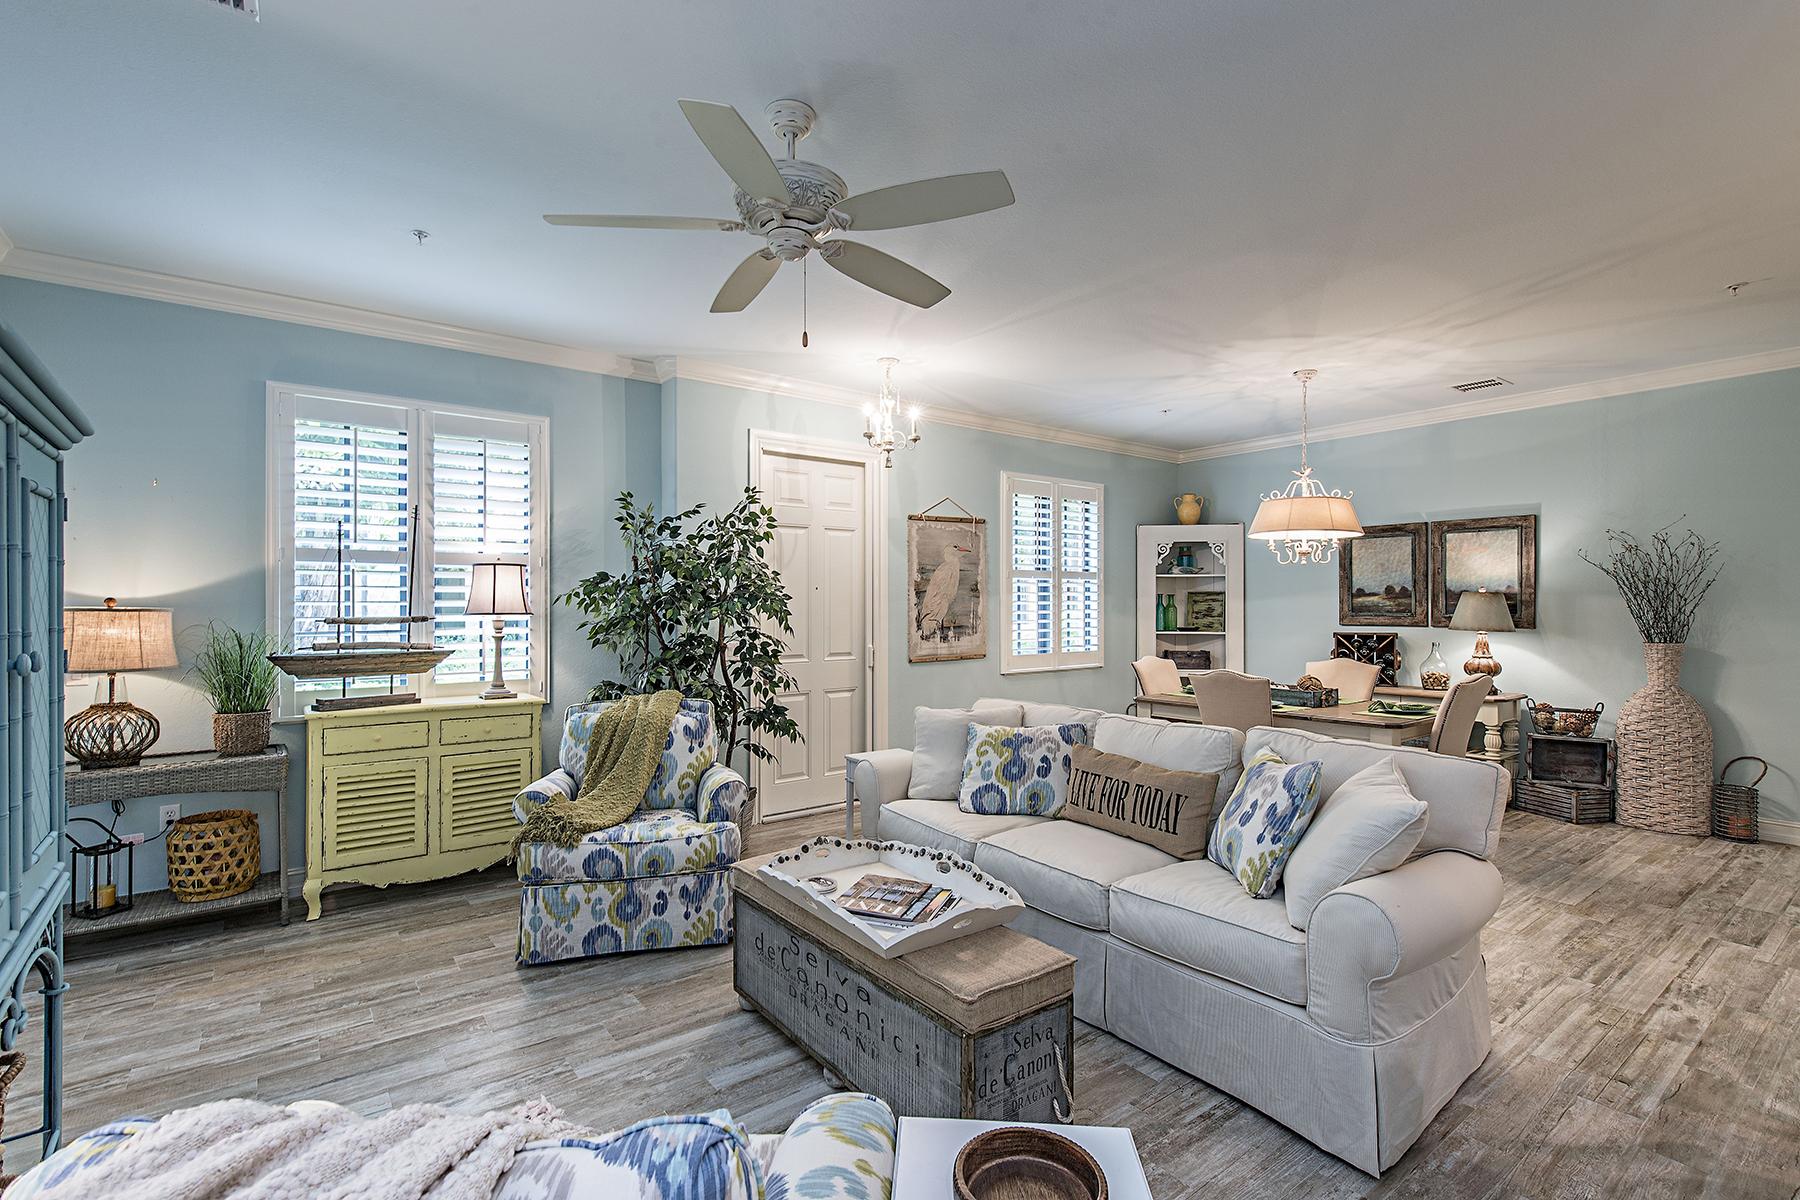 Casa unifamiliar adosada (Townhouse) por un Venta en LELY RESORT - OLE 9163 Delano St 10003 Naples, Florida, 34113 Estados Unidos